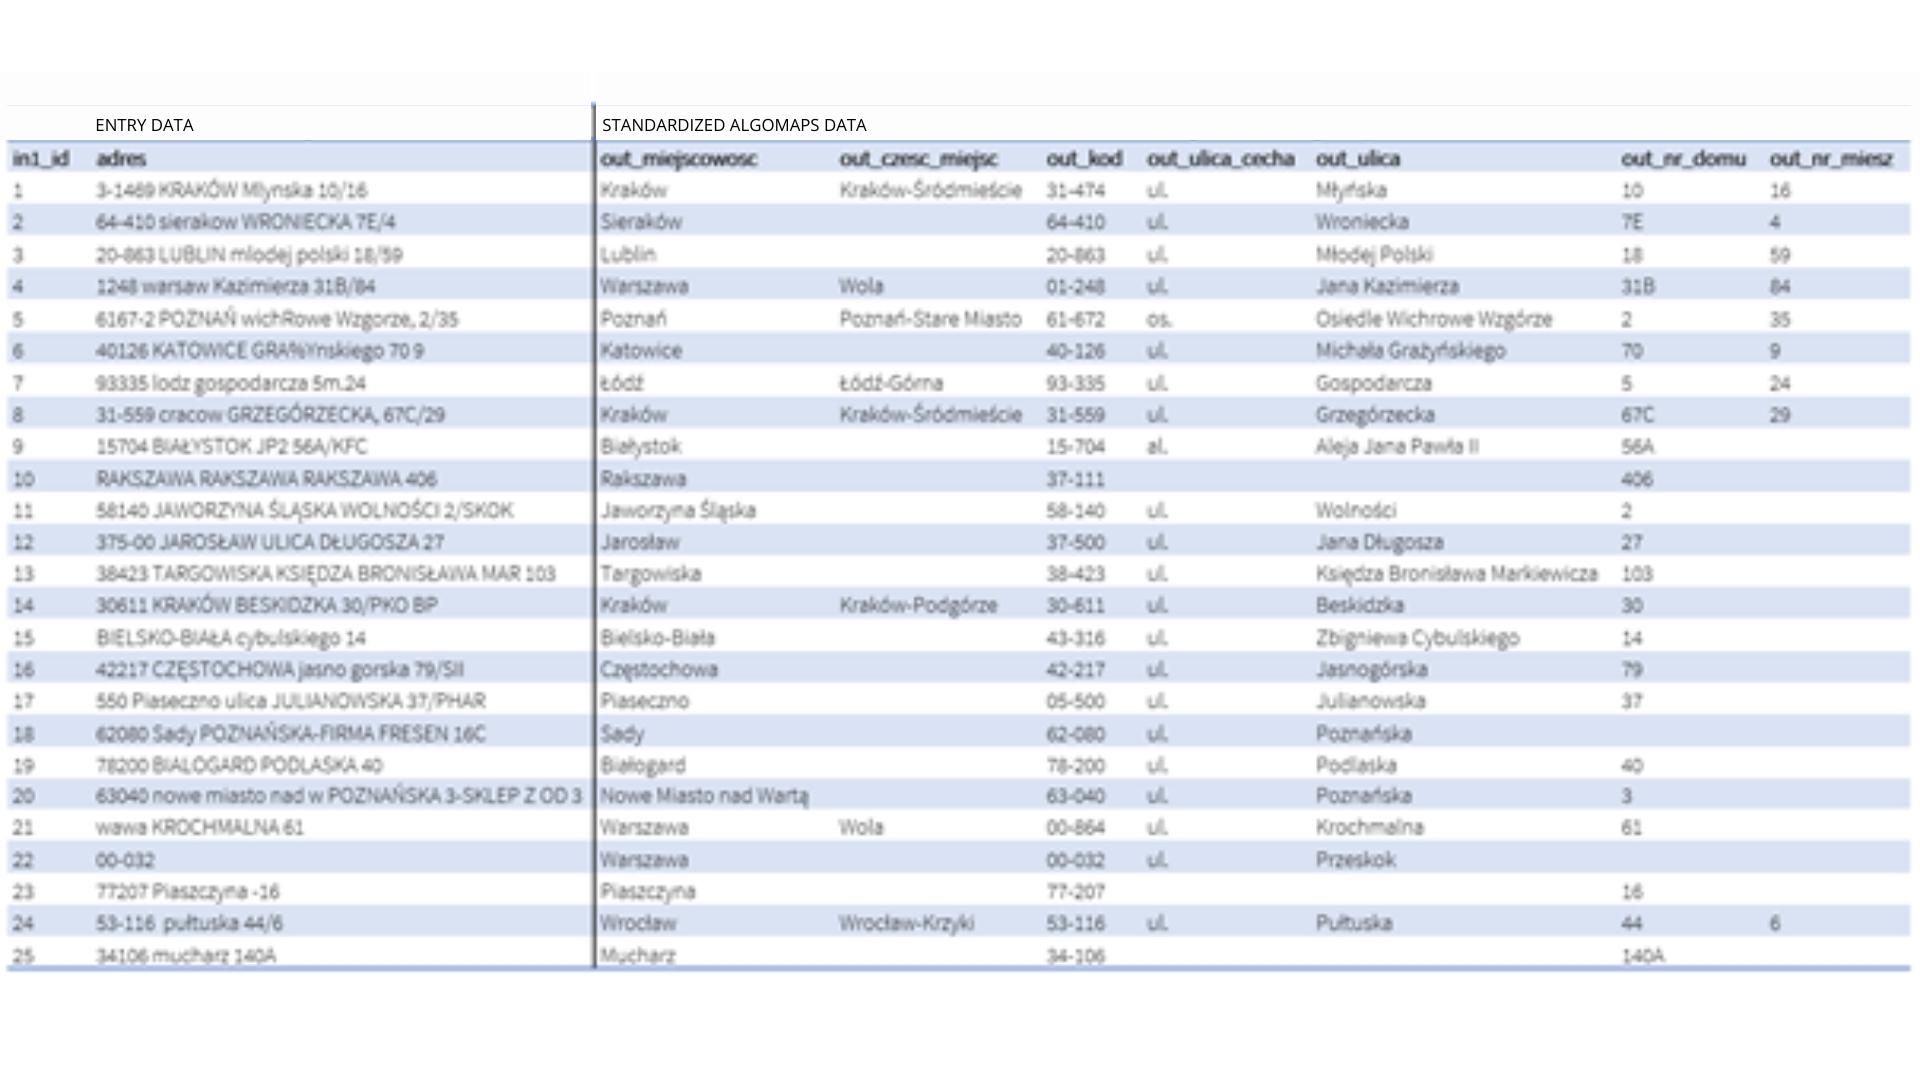 standardized_data_AlgoMaps